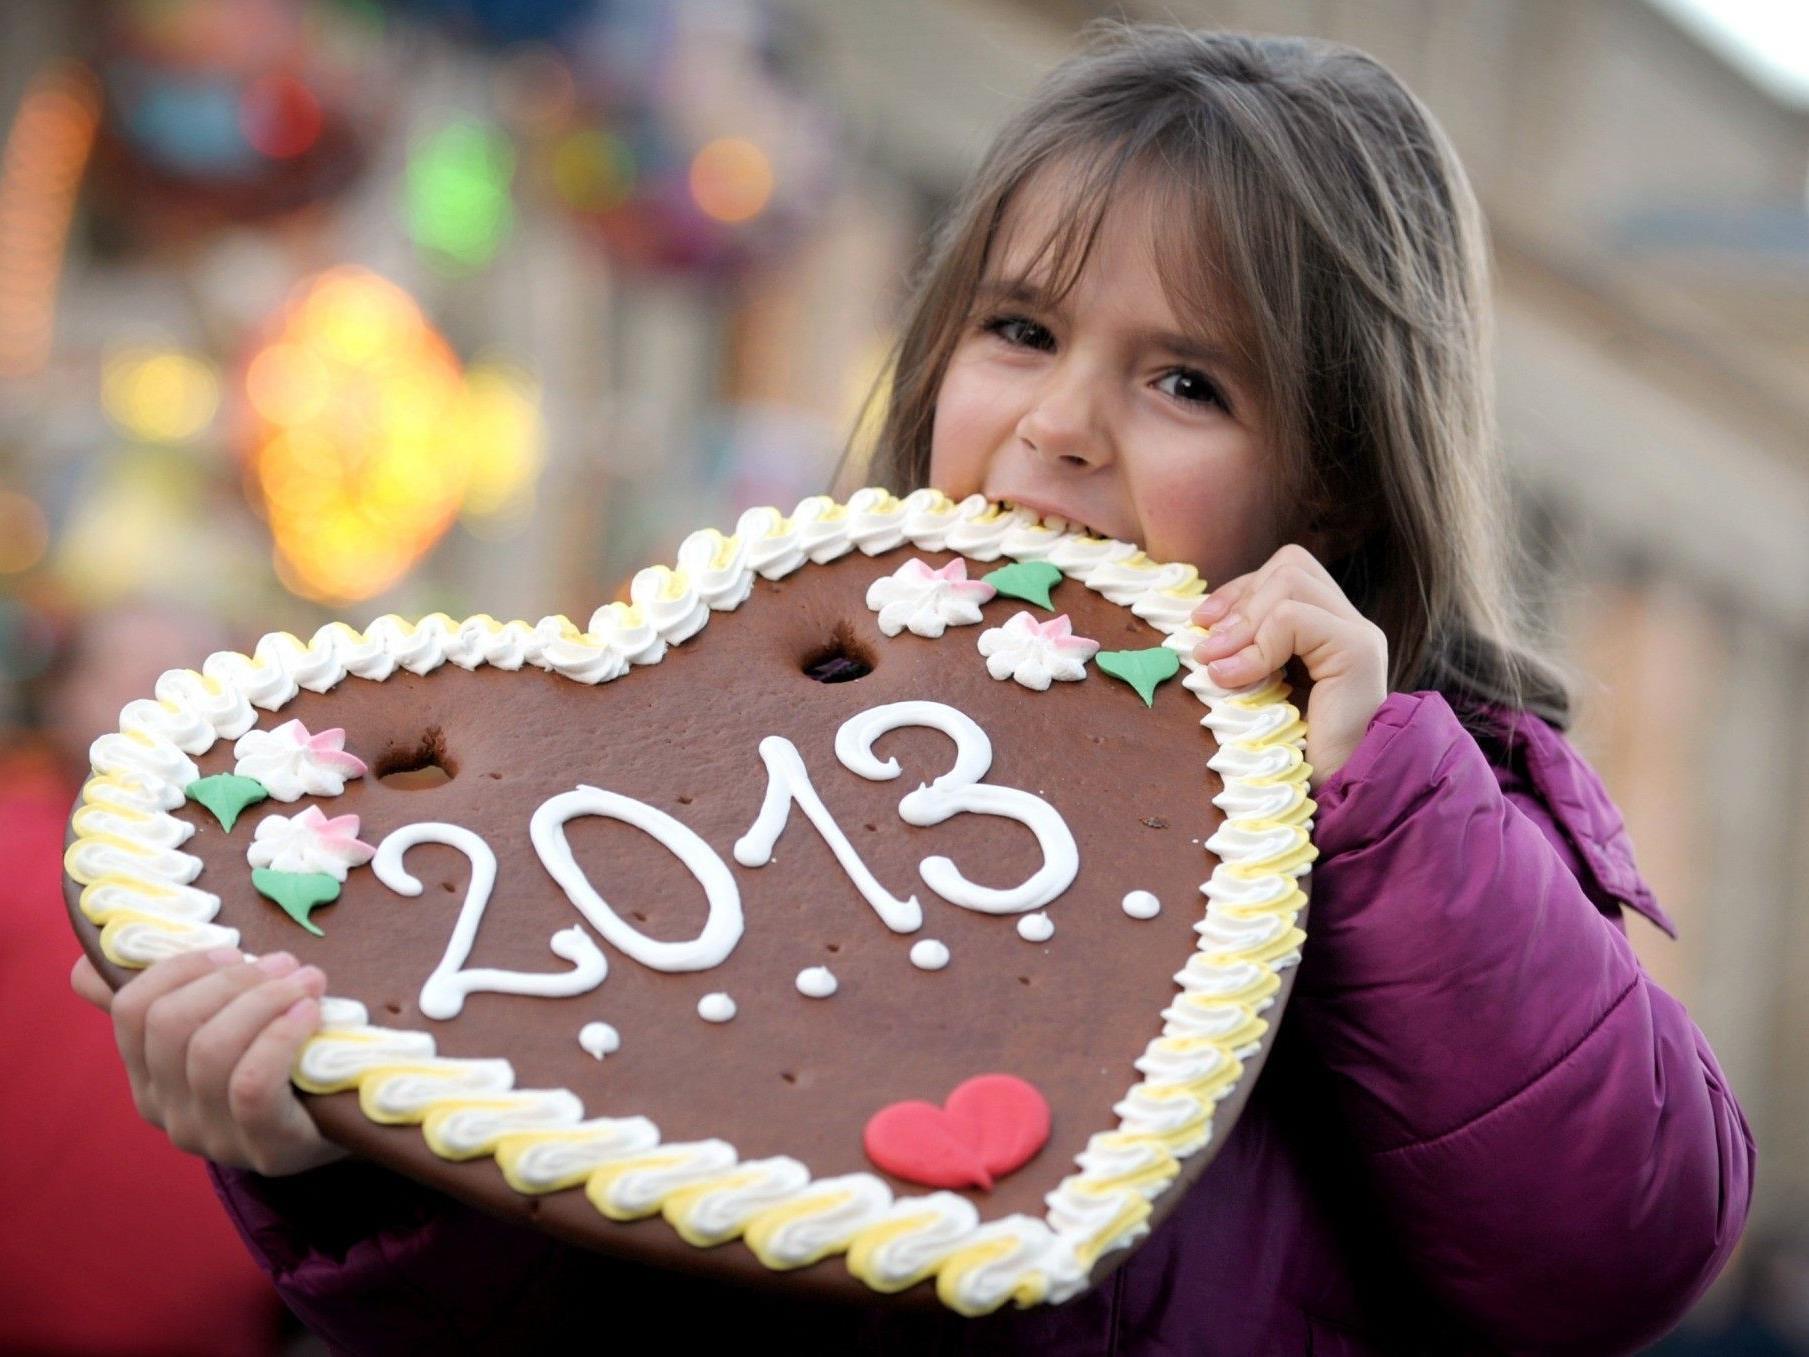 Die Vorarlberger haben kaum Neujahrsvorsätze für 2013.